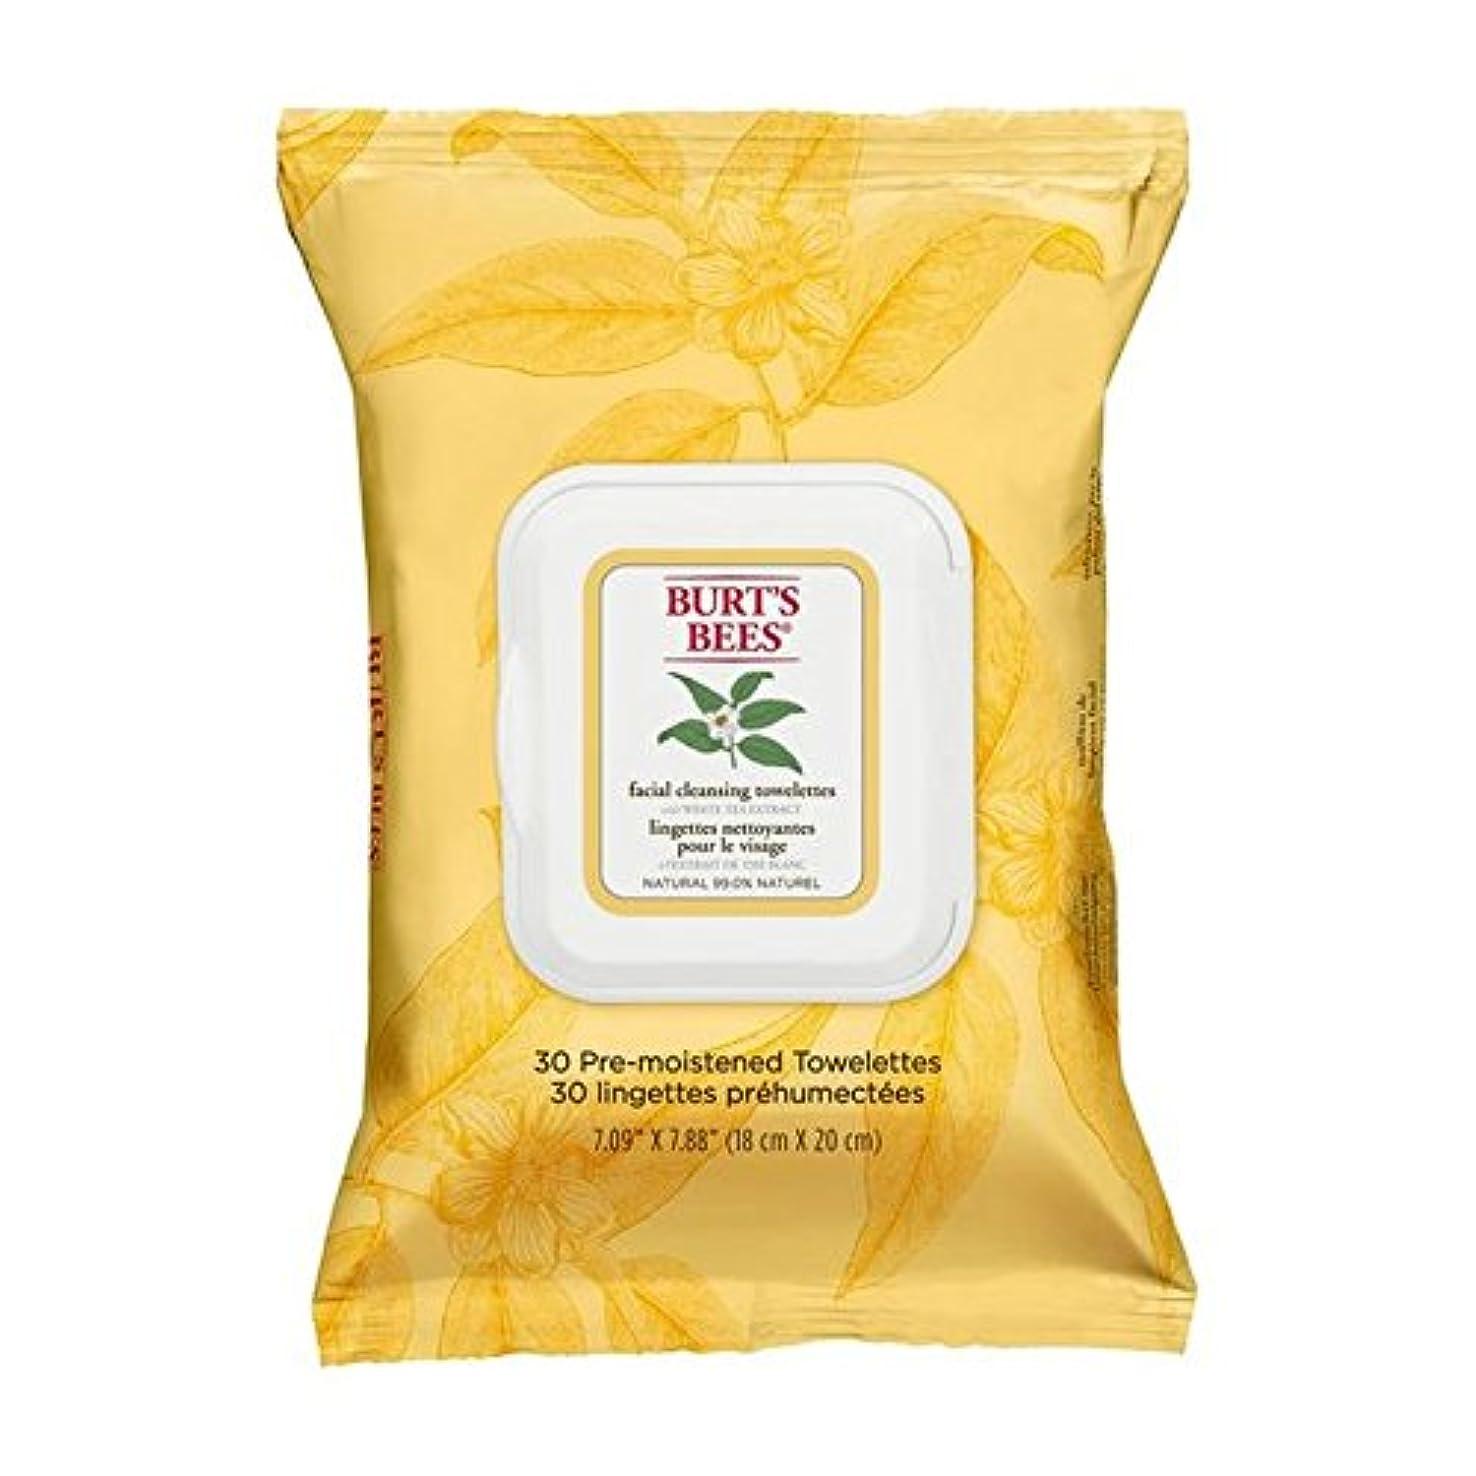 クロールランチョン写真を撮るホワイトティーエキスとバーツビー洗顔ペーパータオル x2 - Burt's Bees Facial Cleansing Towelettes with White Tea Extract (Pack of 2) [並行輸入品]